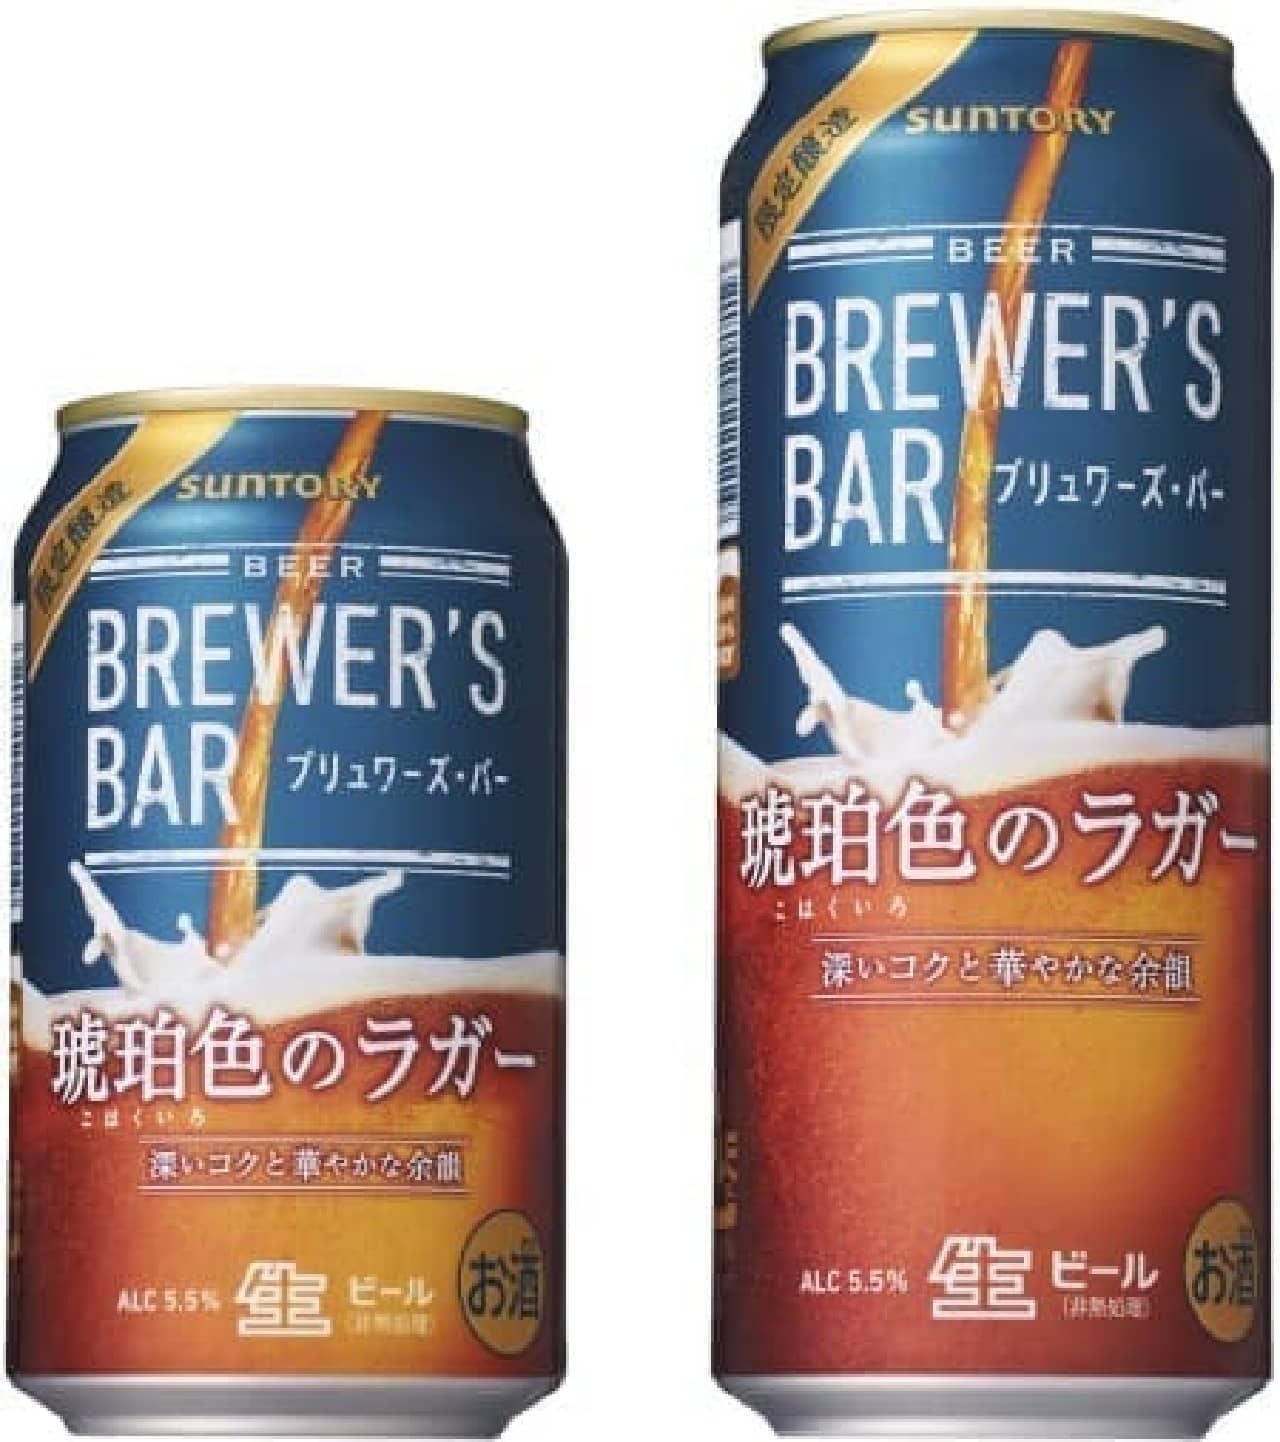 ファミリーマート限定ビール「ブリュワーズ・バー ~琥珀色のラガー~」